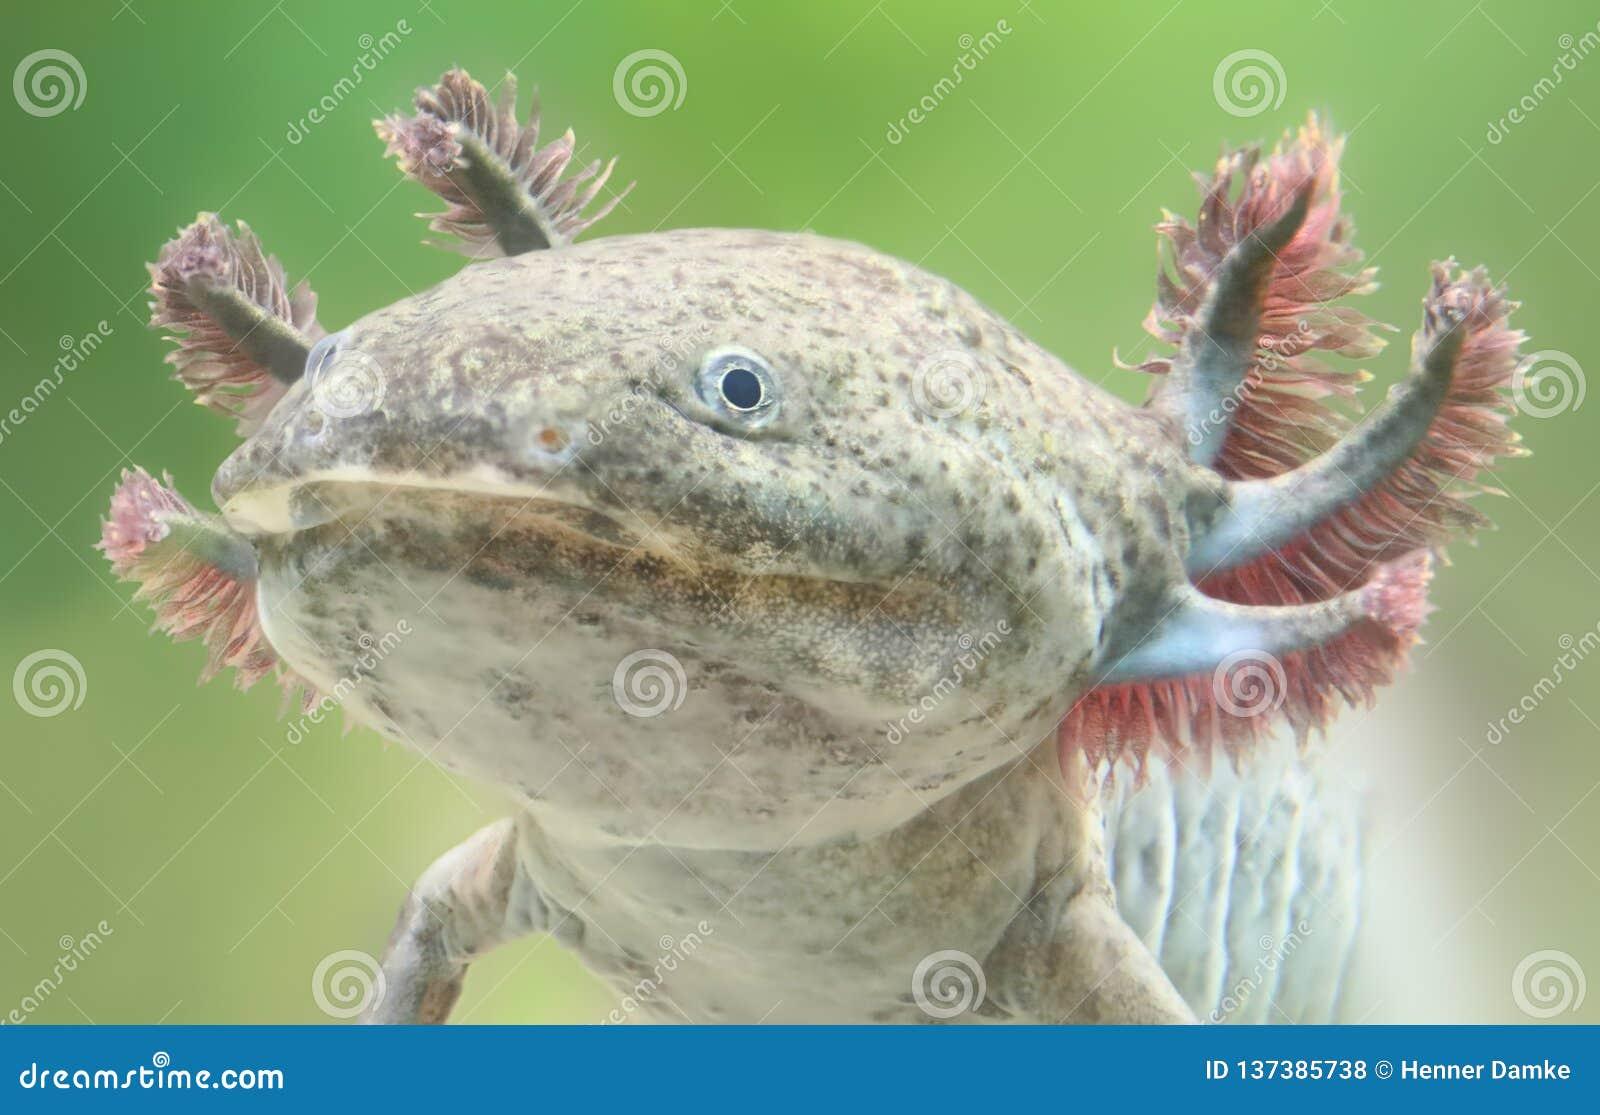 Opinião do close-up de um Axolotl